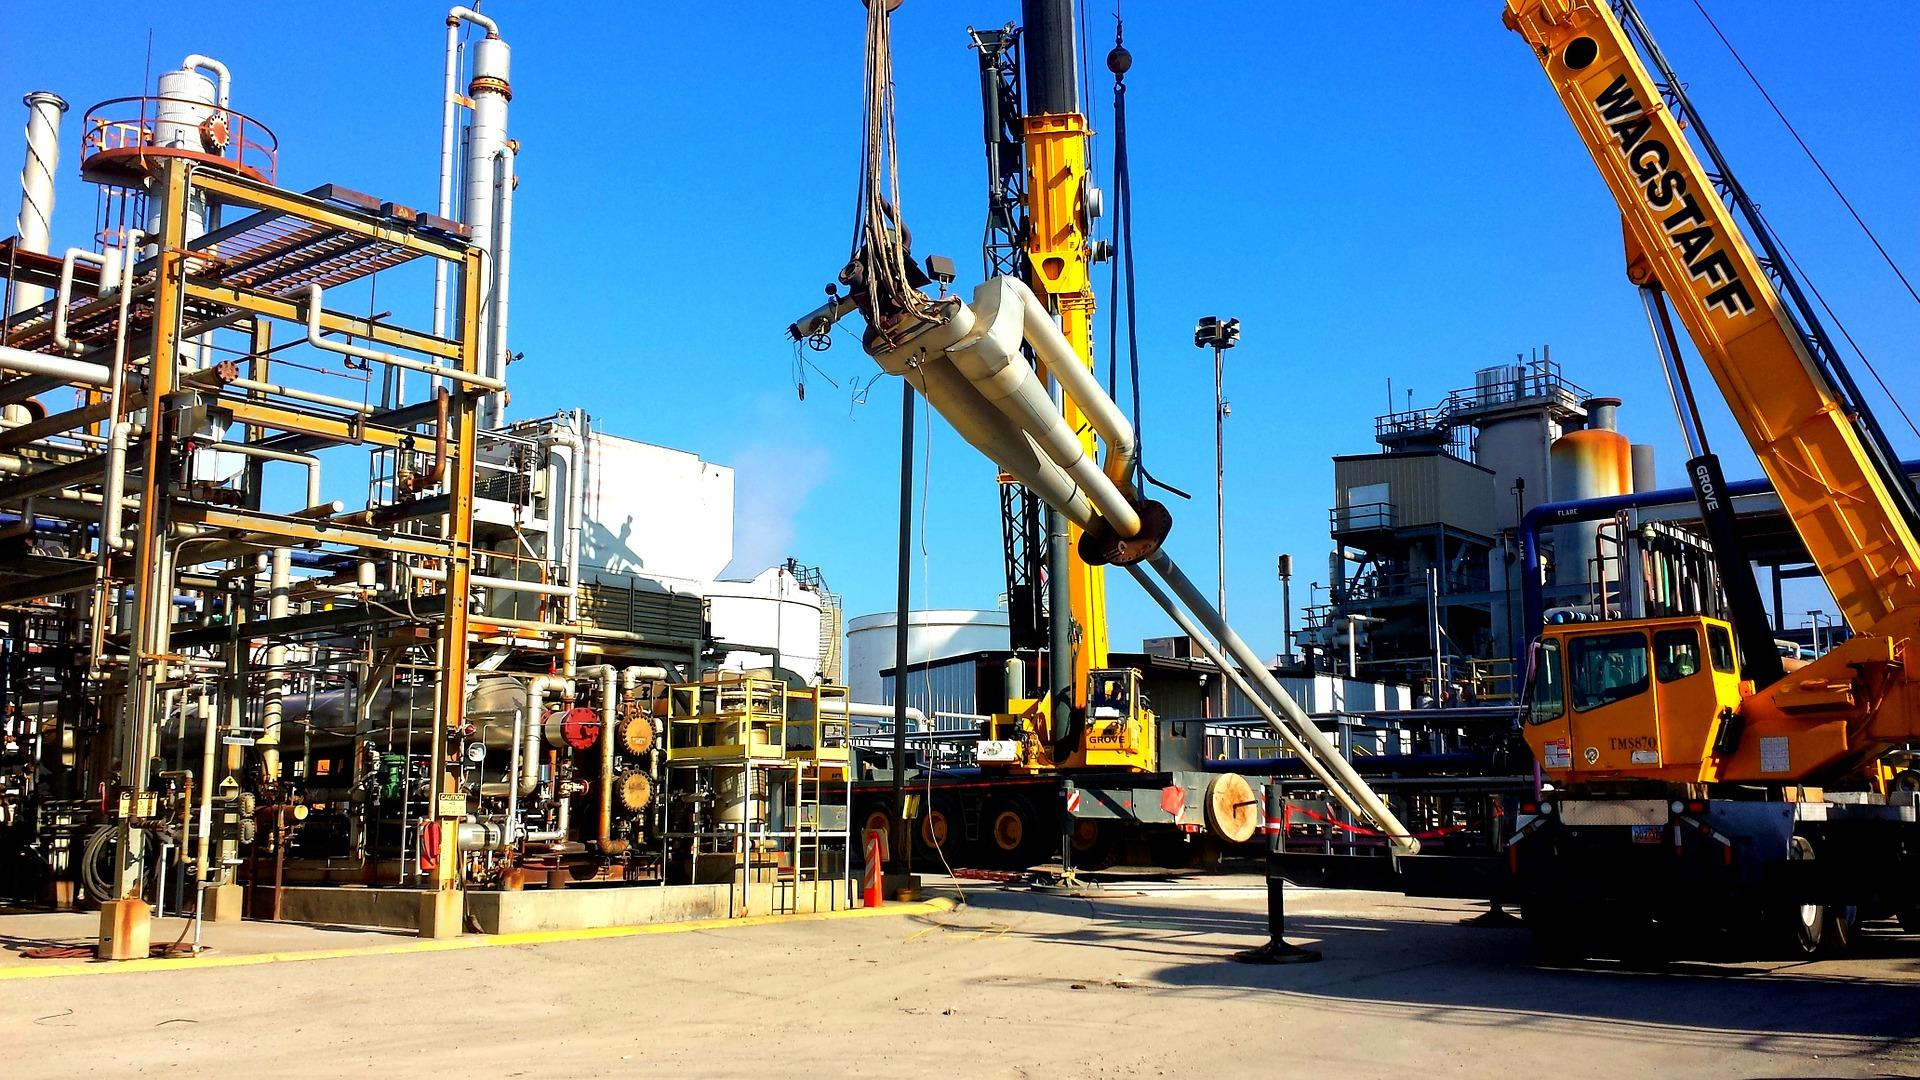 Экономист назвал причины рекордного роста цен на газ в Европе